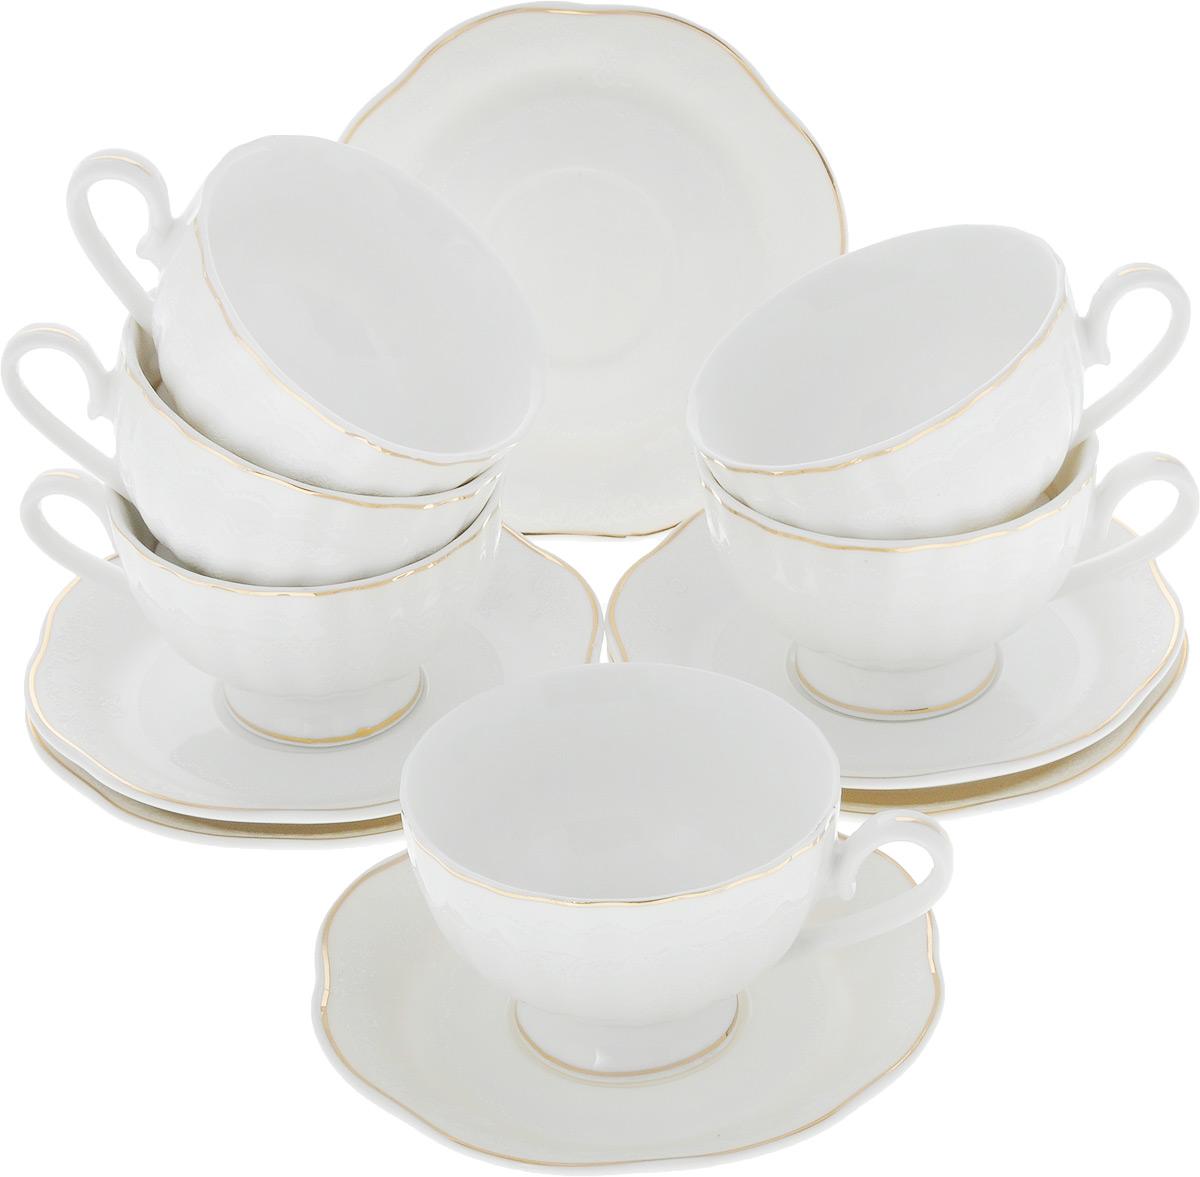 Сервиз кофейный Loraine, 12 предметов. 2644226423Кофейный сервиз Loraine на 6 персон выполнен из высококачественного костяного фарфора - материала, безопасного для здоровья и надолго сохраняющего тепло напитка. В наборе 6 чашек и 6 блюдец. Несмотря на свою внешнюю хрупкость, каждый из предметов набора обладает высокой прочностью и надежностью.Изделия украшены тонкой золотой каймой, внешние стенки дополнены рельефным цветочным рисунком. Элегантный классический дизайн сделает этот набор изысканным украшением любого стола.Набор упакован в подарочную коробку, поэтому его можно преподнести в качестве оригинального и практичного подарка для родных и близких.Объем чашки: 110 мл.Диаметр чашки (по верхнему краю): 7,5 см.Высота чашки: 5 см.Диаметр блюдца: 11,5 см.